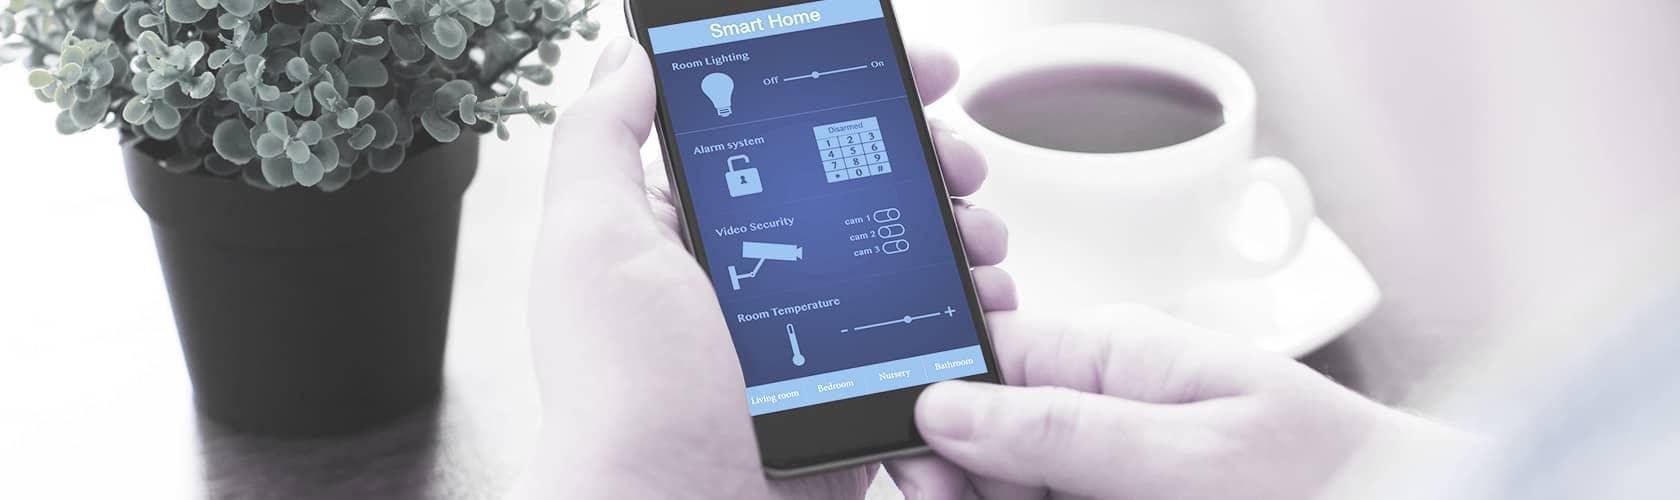 Alarmanlage gesteuert über Smartphone